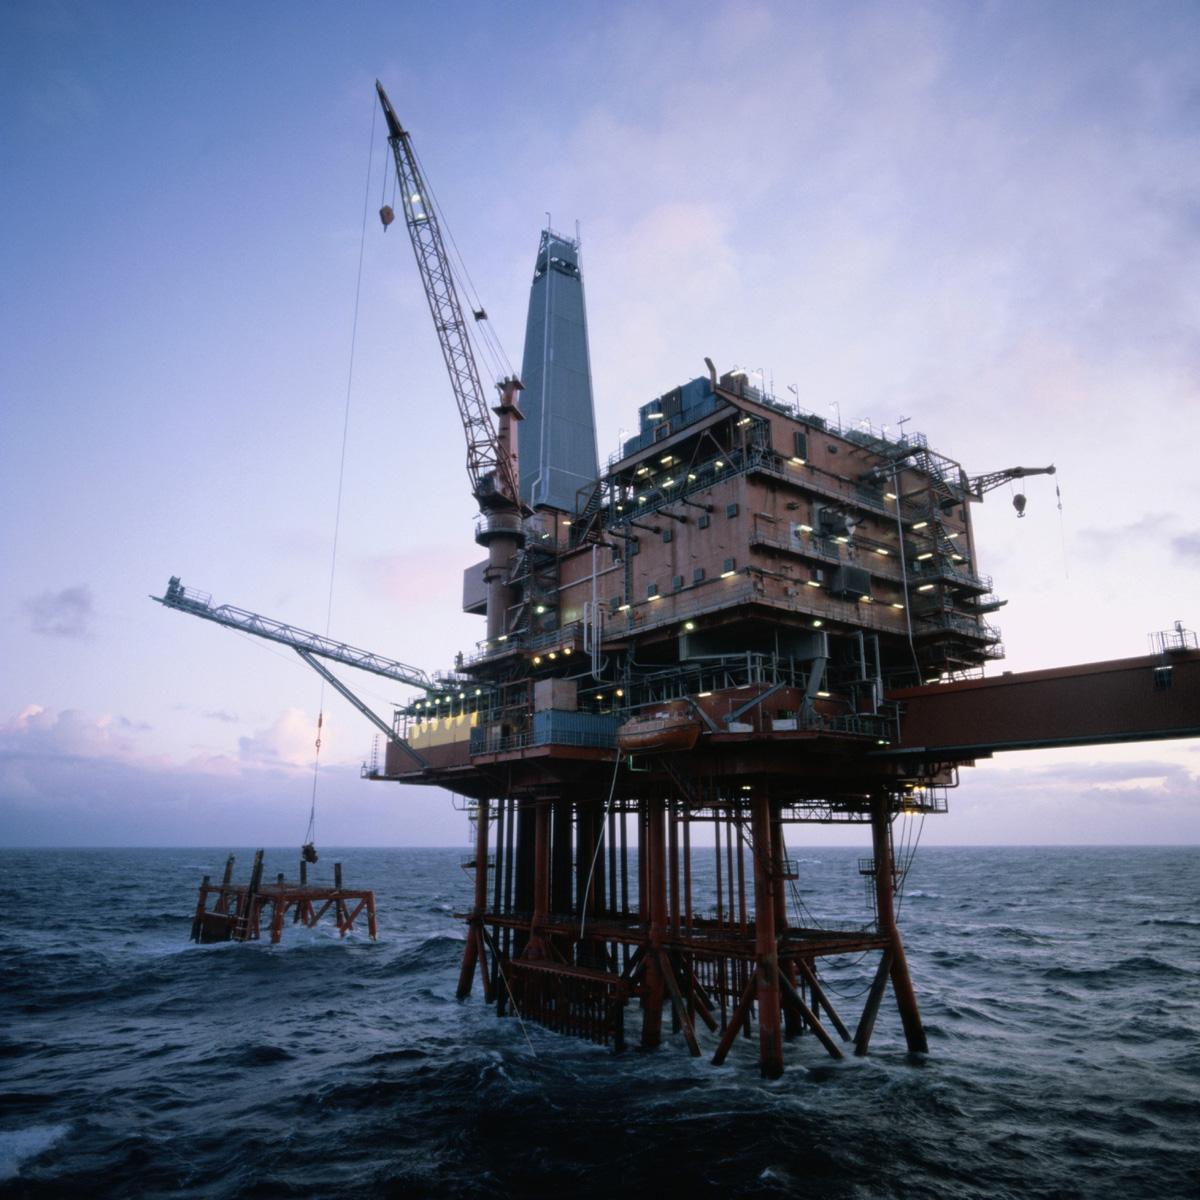 Lessons from Statoil's leadership development revolution